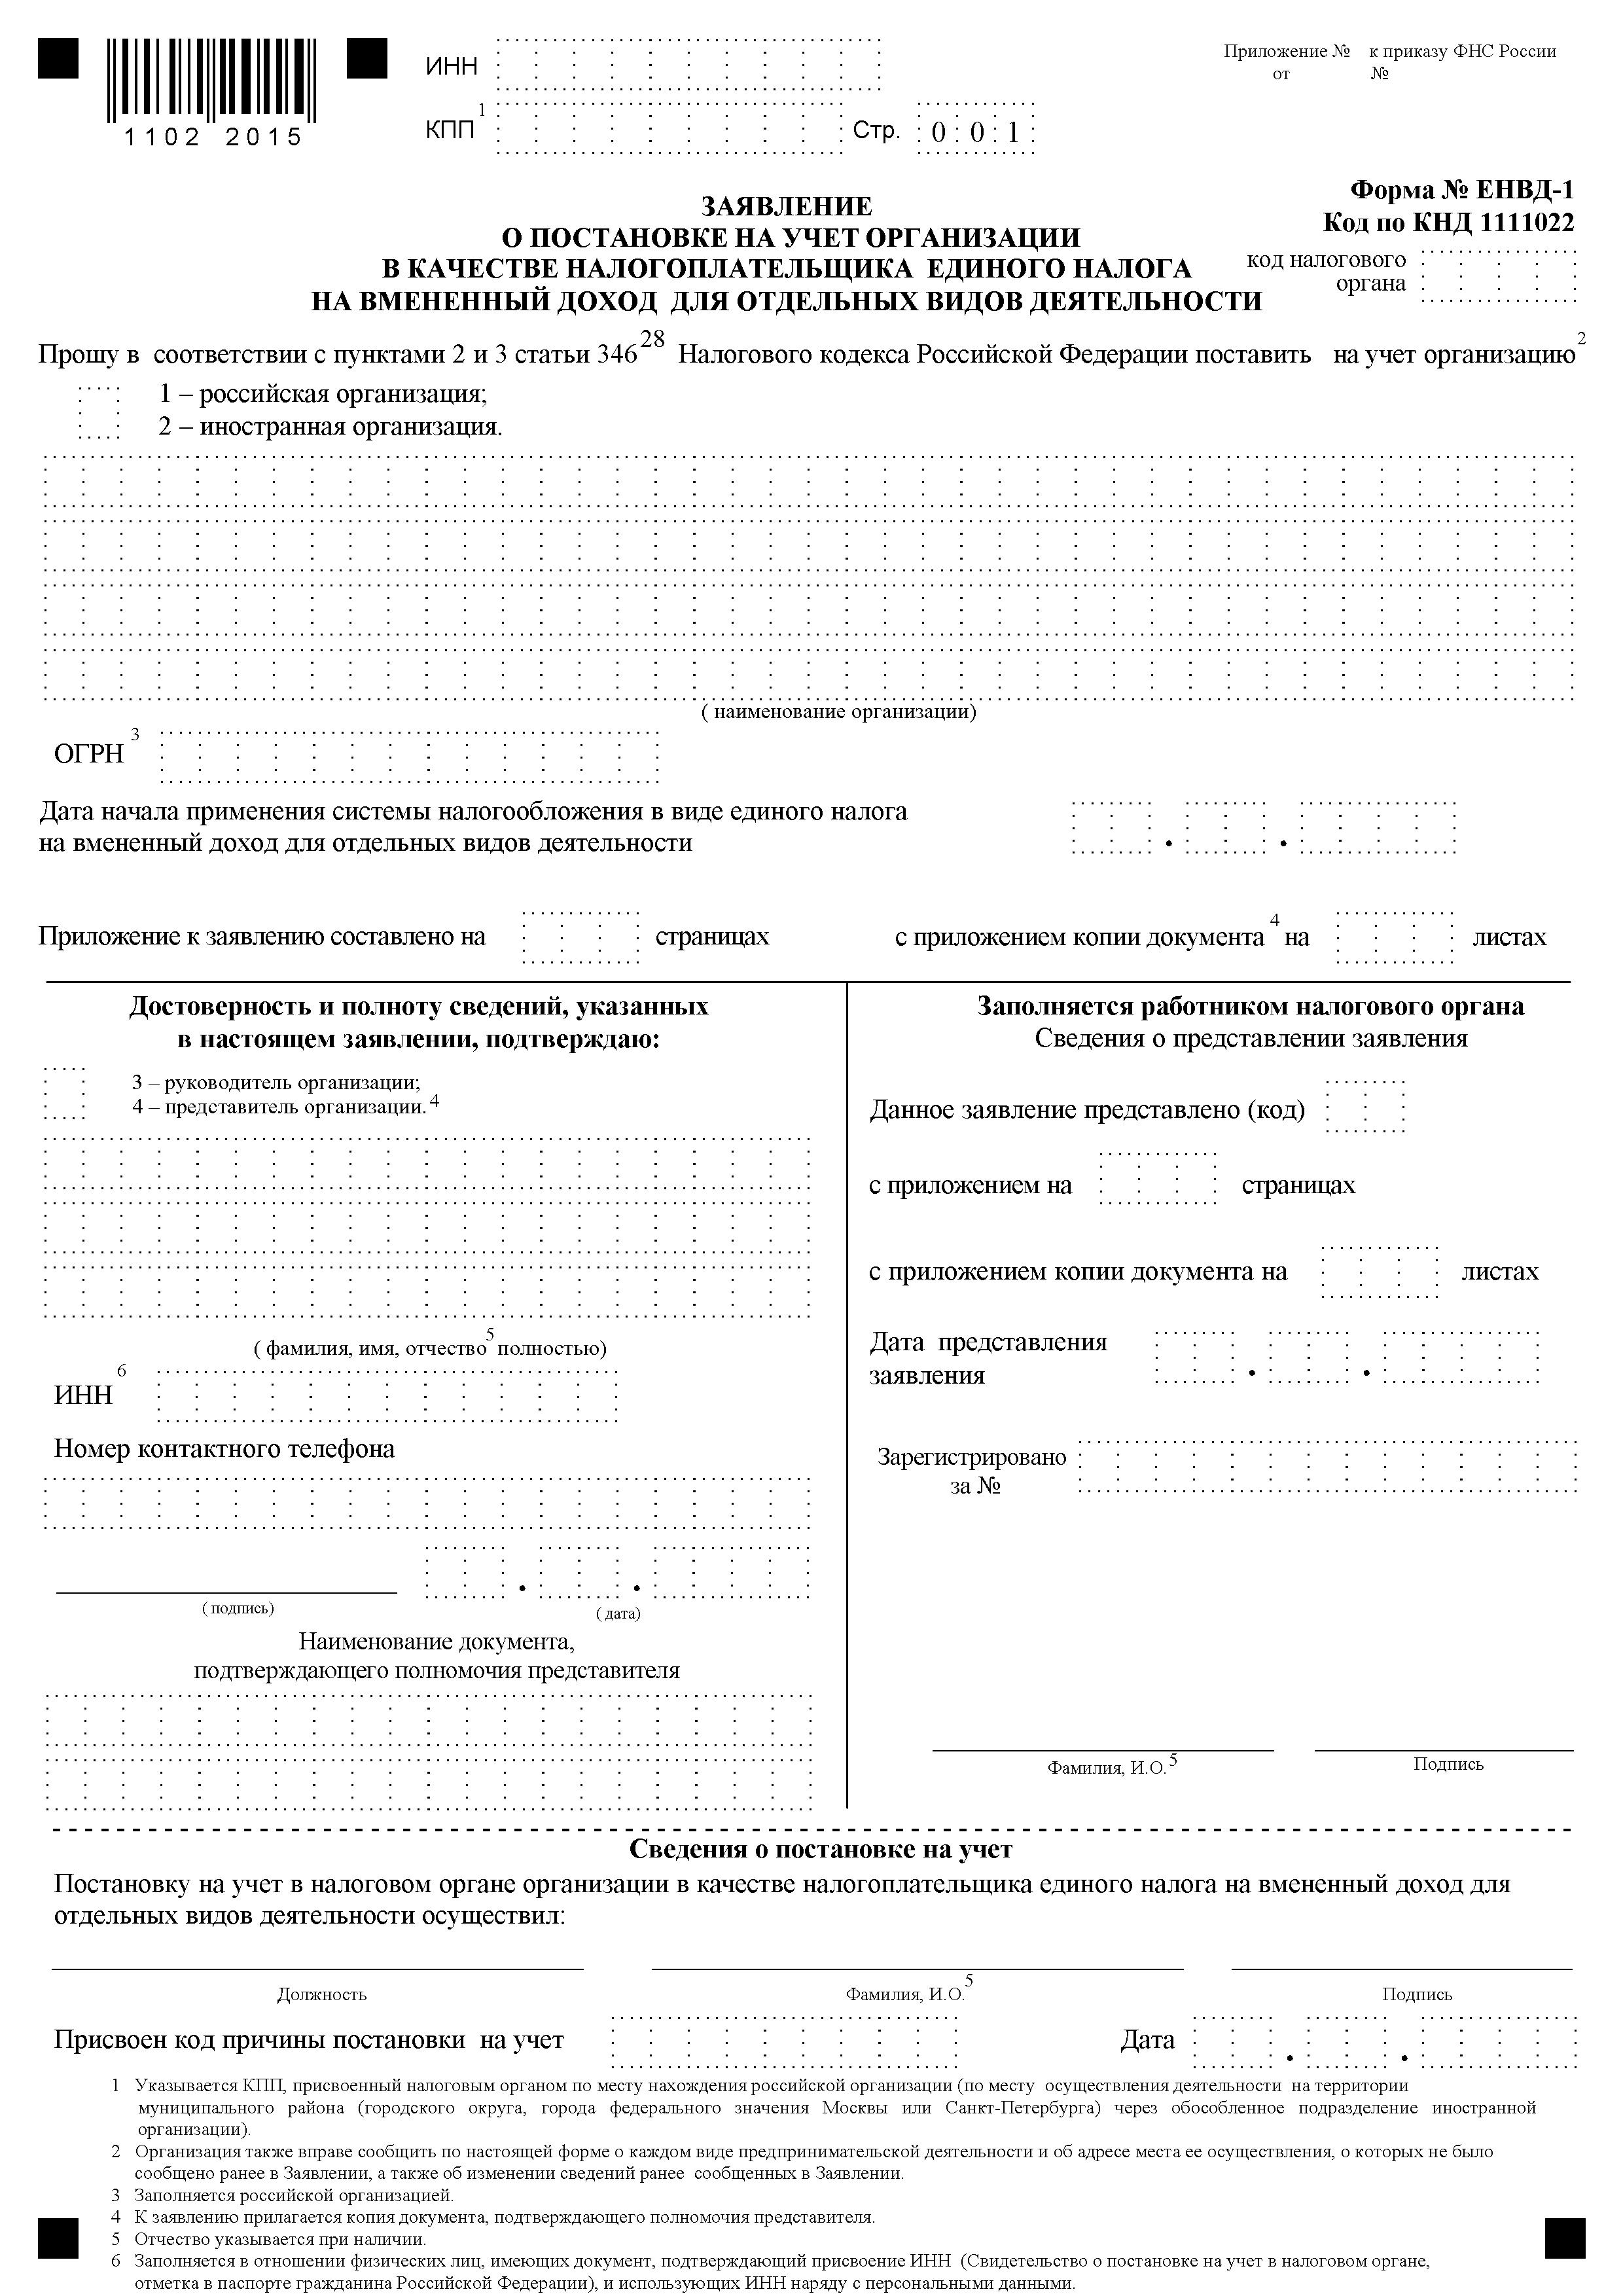 Заявление о постановке на учет